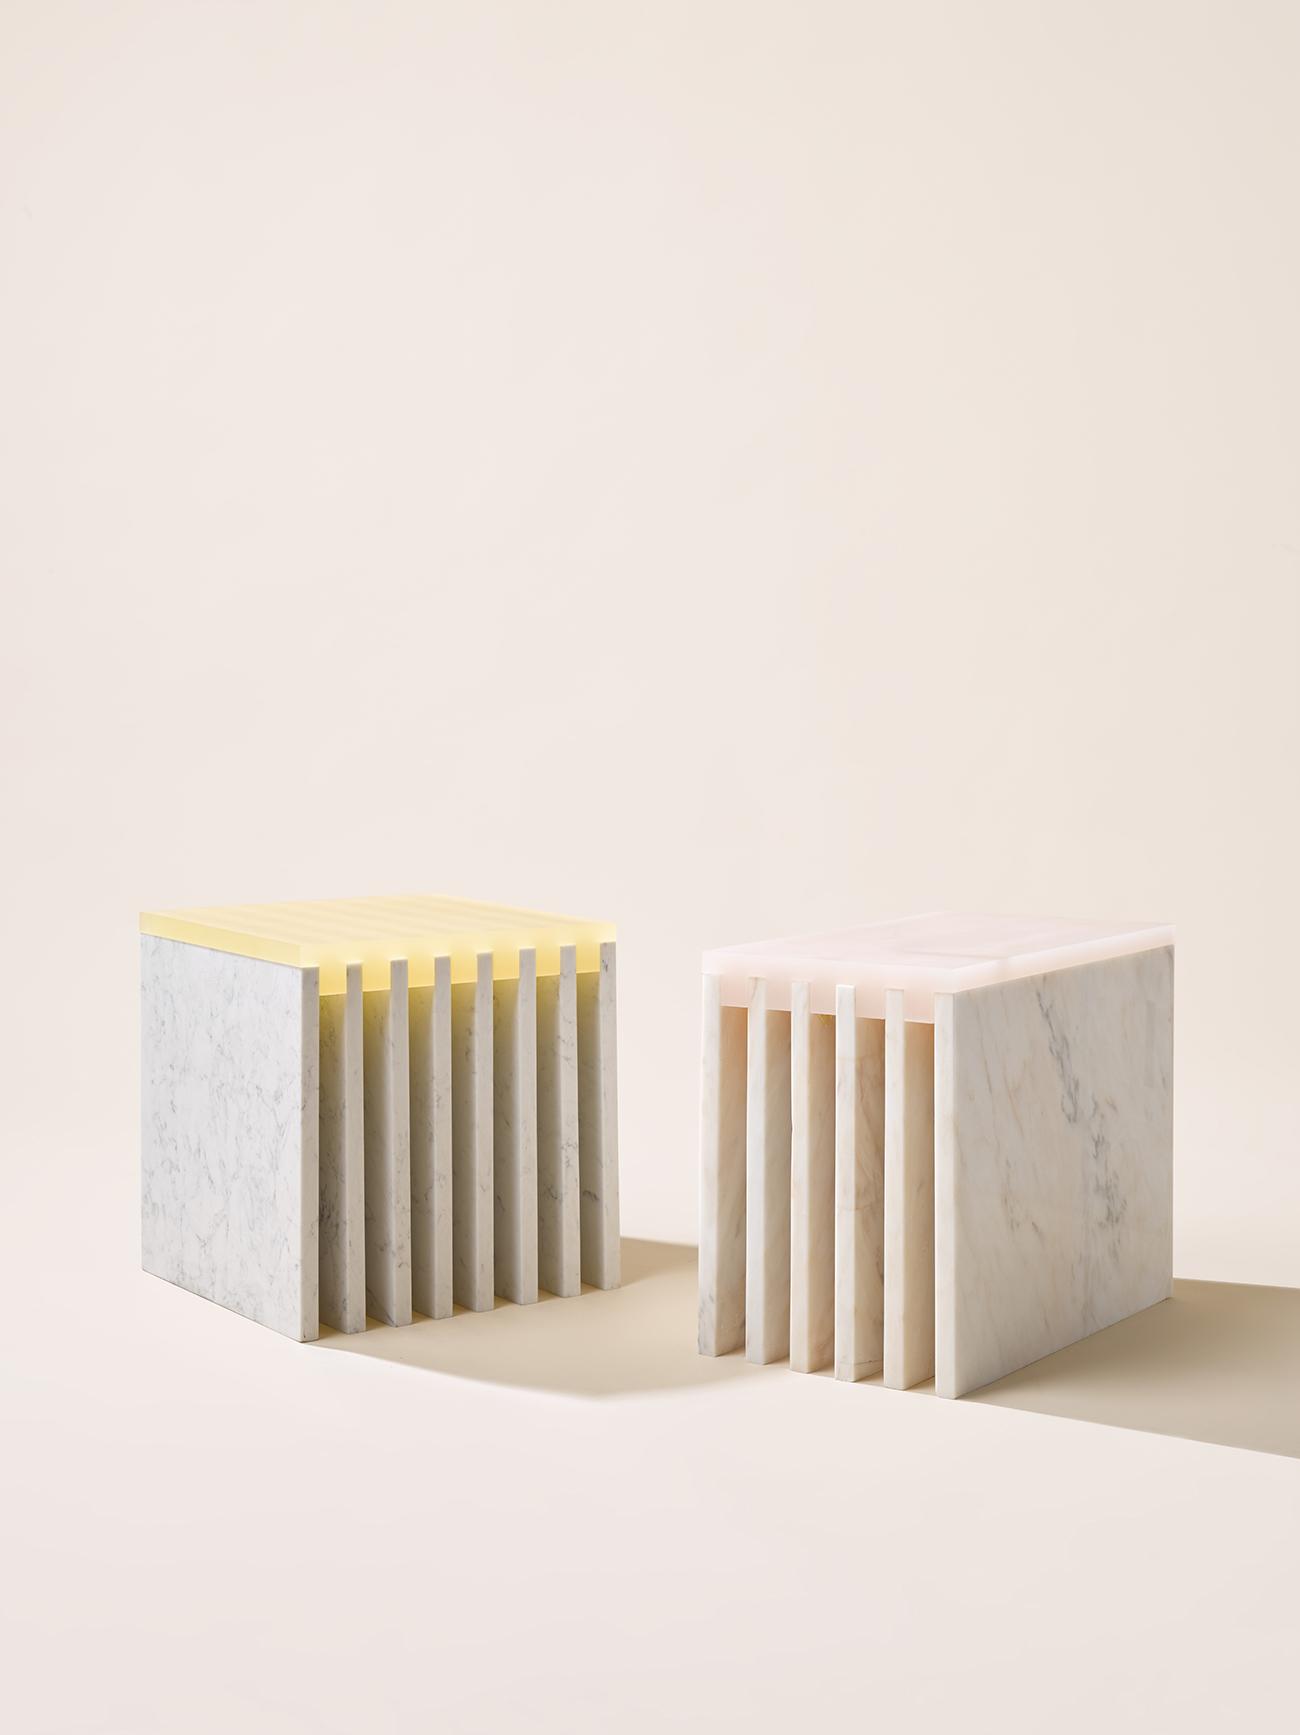 Intervista al duo di designer e architetti di OBJECT OF COMMON INTEREST | Collater.al 11